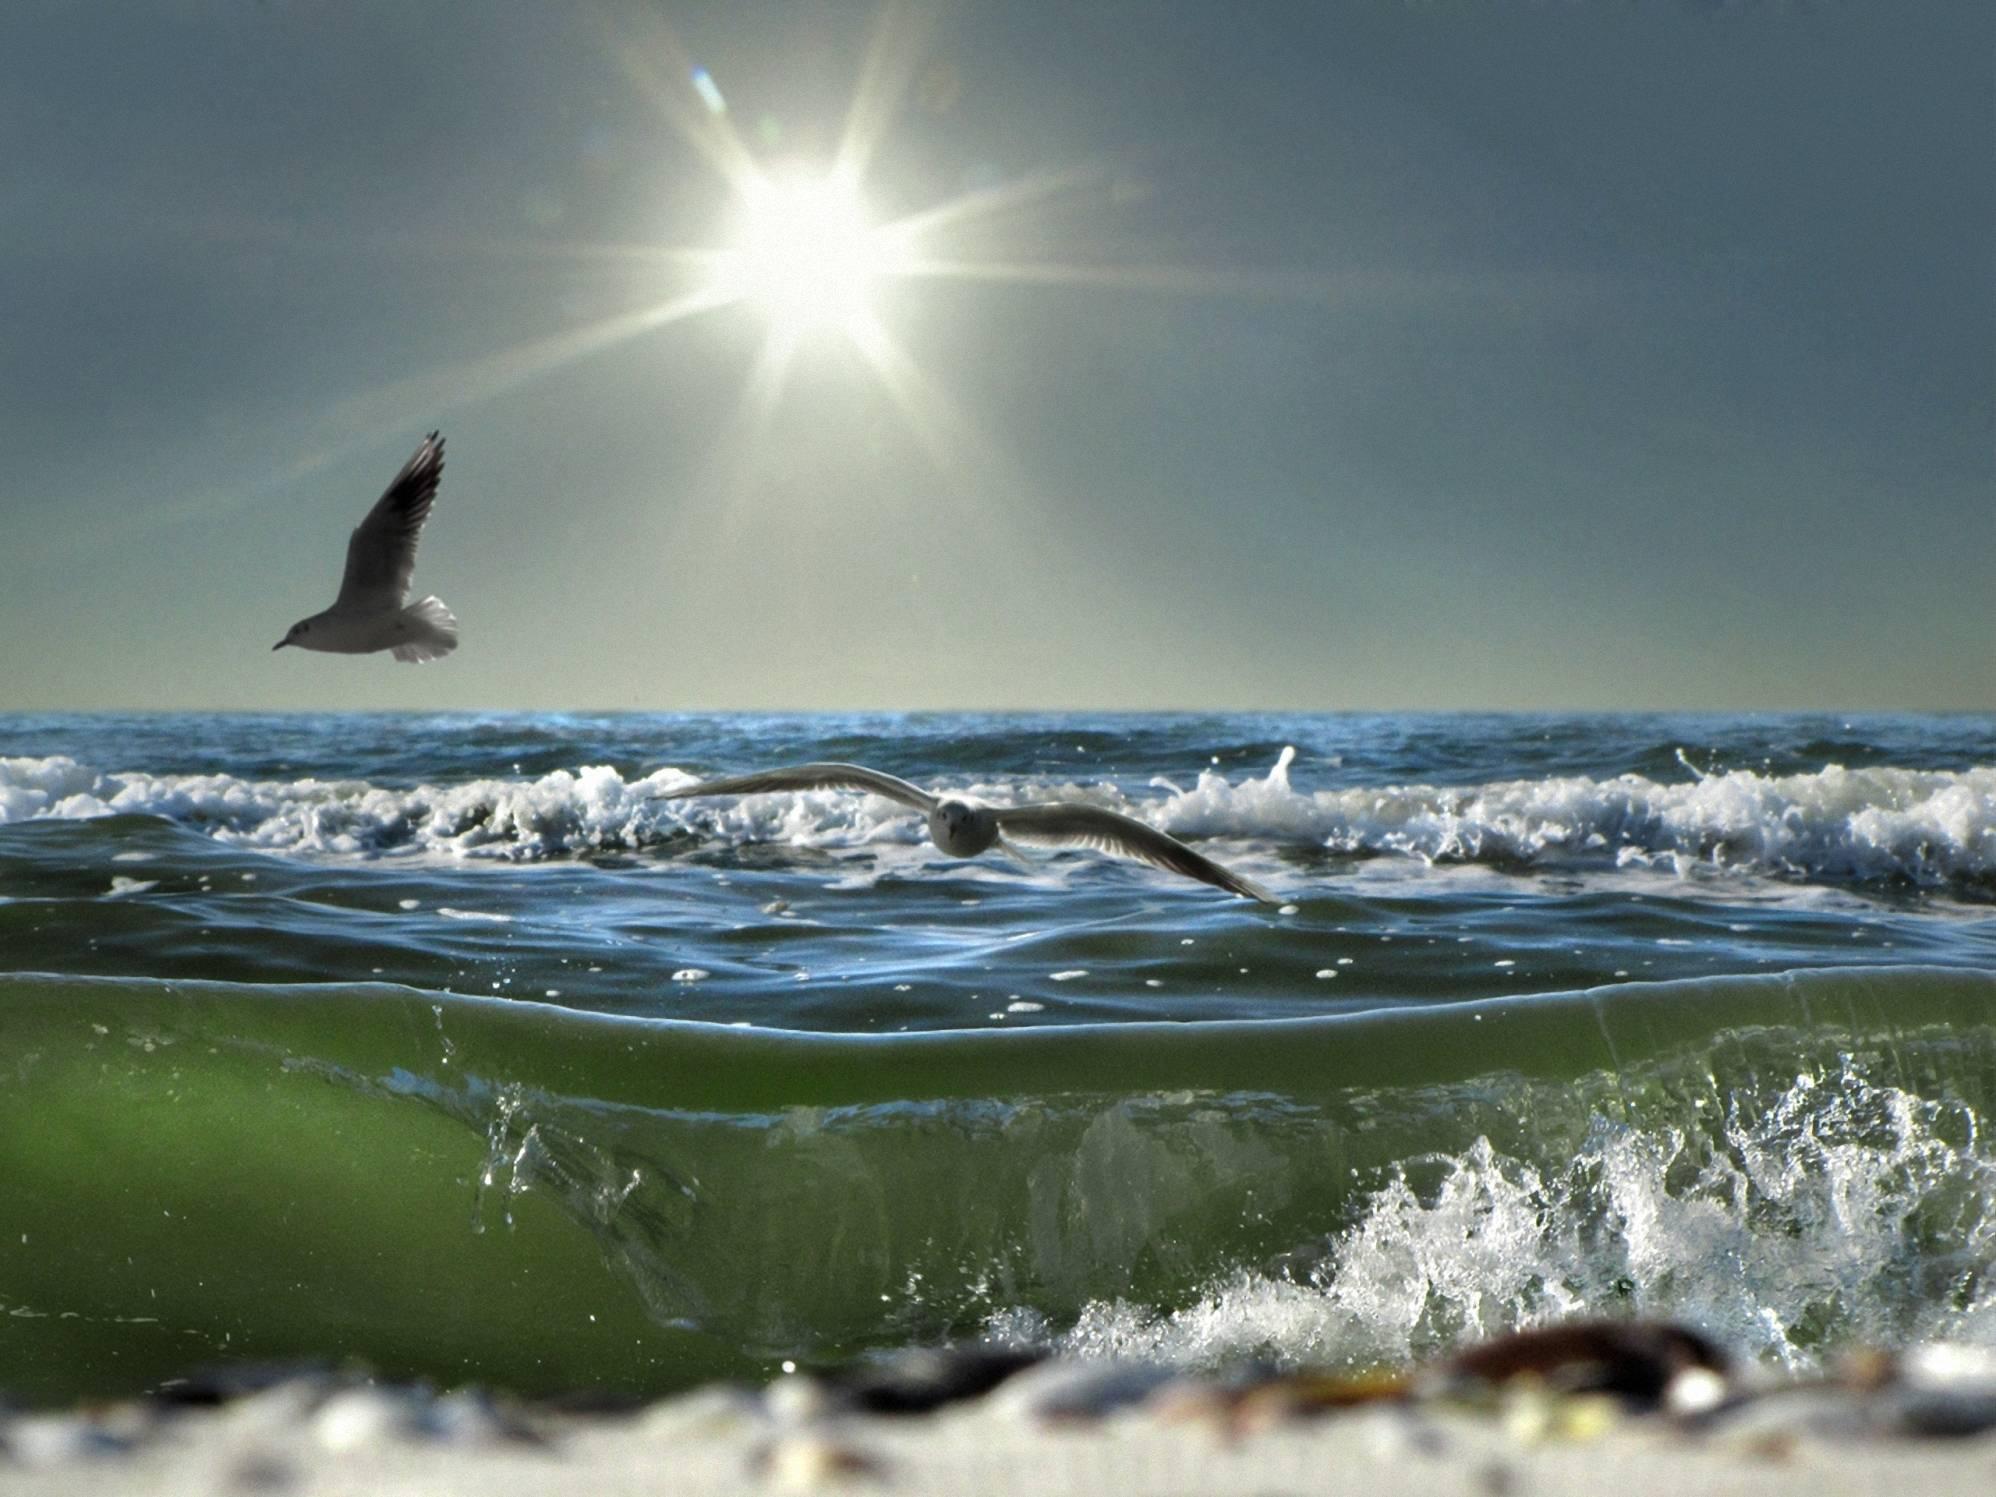 чайка над морской волной фото